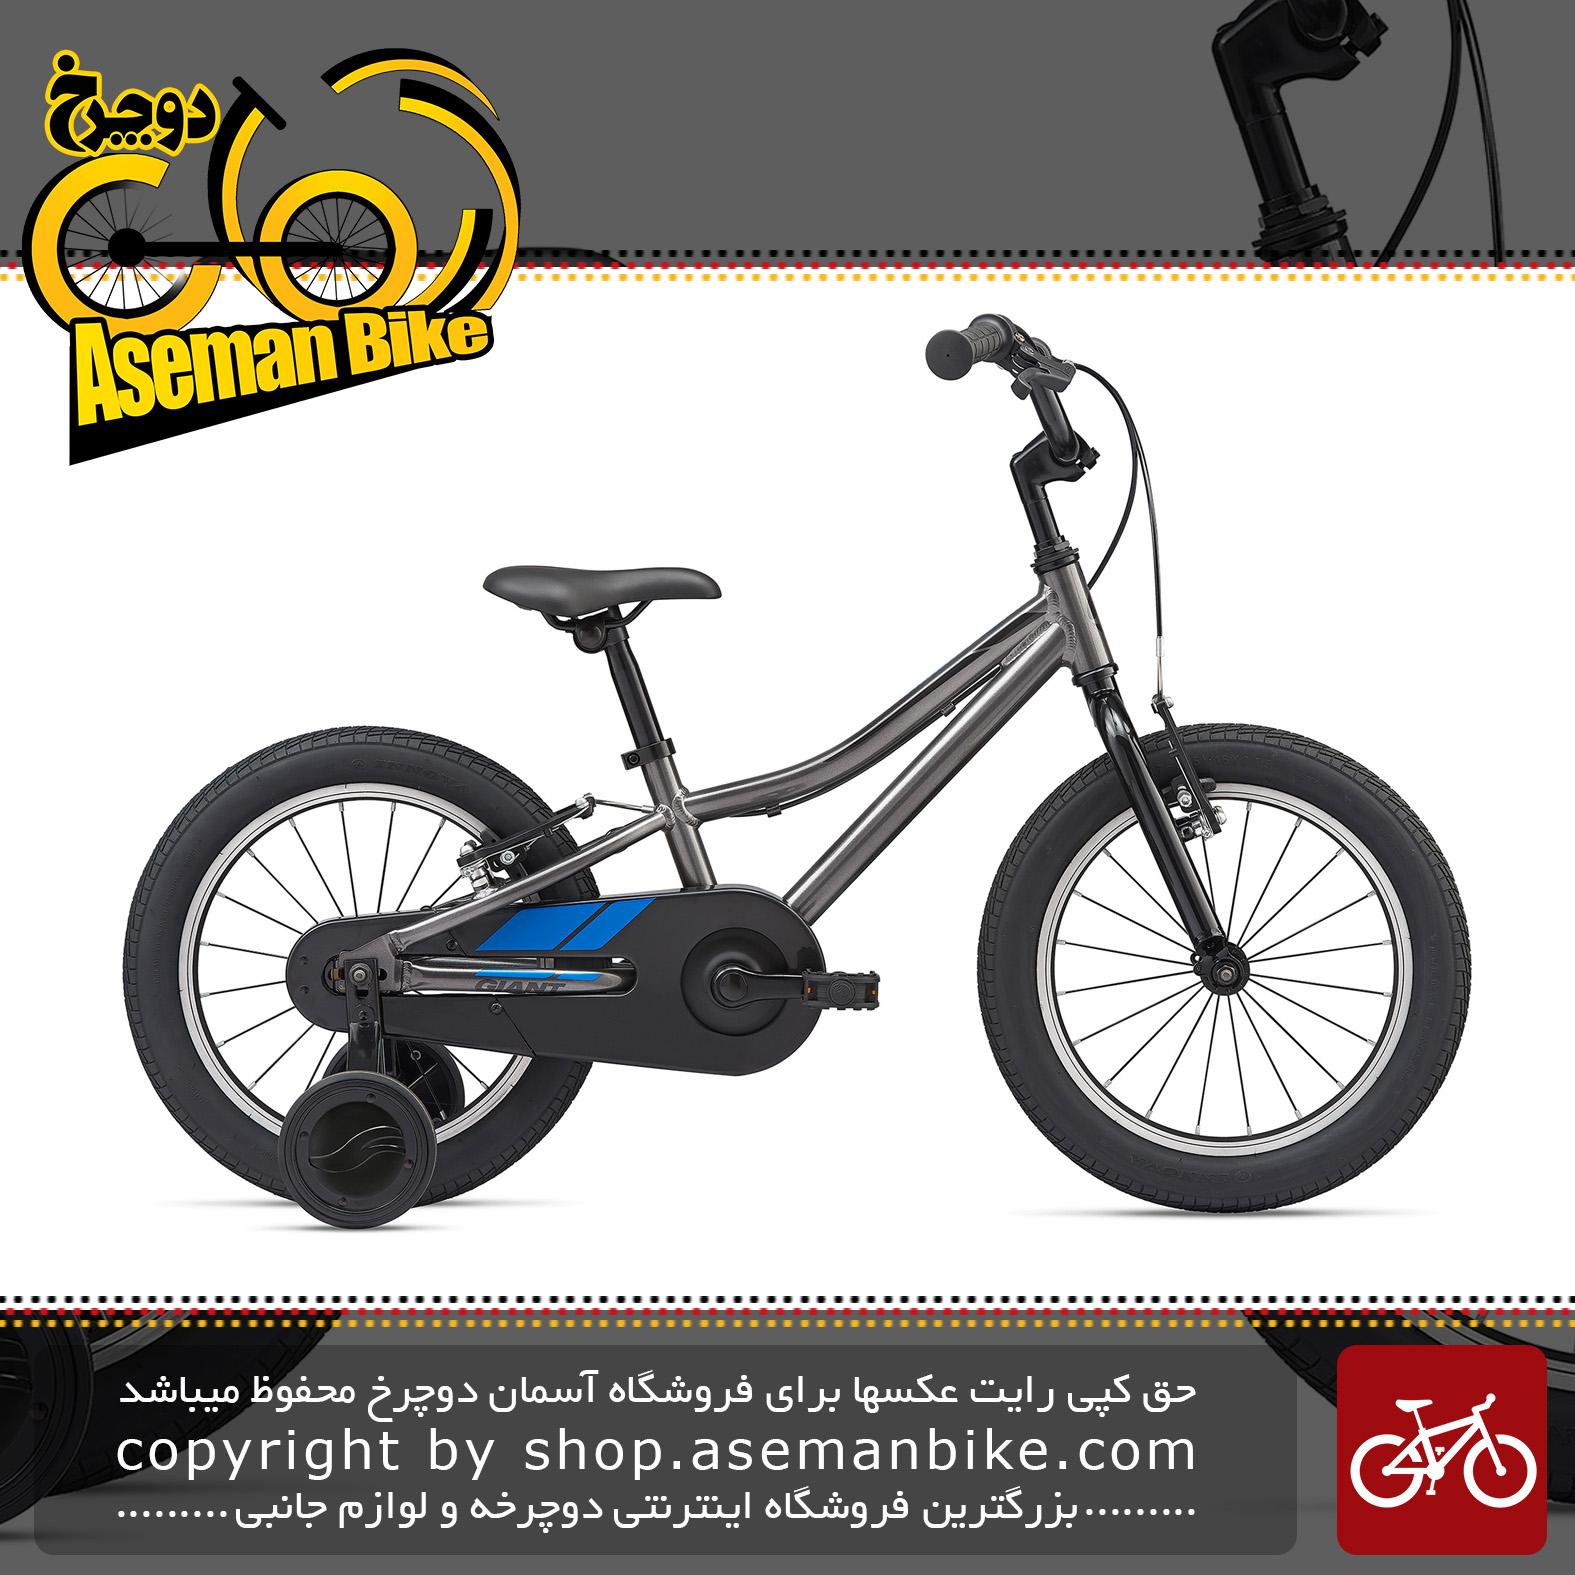 دوچرخه بچه گانه جاینت مدل انیماتور اف دبلیو سایز 16 2020 Giant Kids Bicycle Animator F/W 16 2020